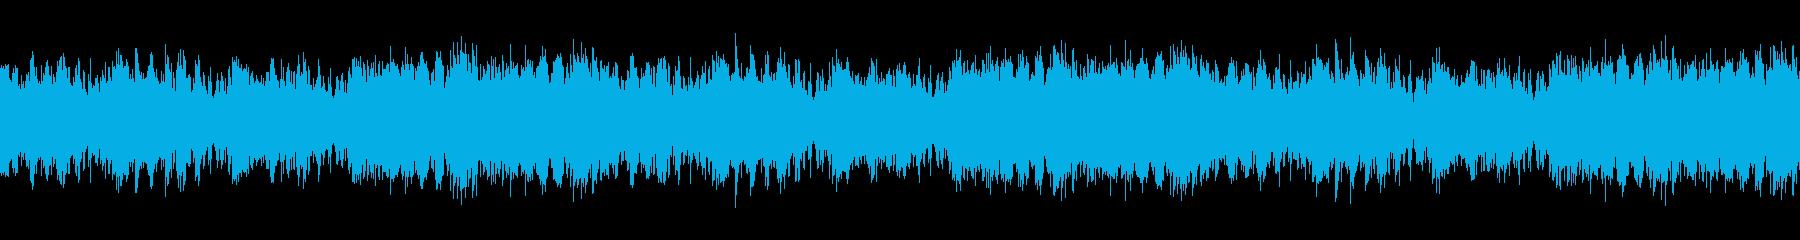 ファンター・ピアノソロ・シンプルループの再生済みの波形